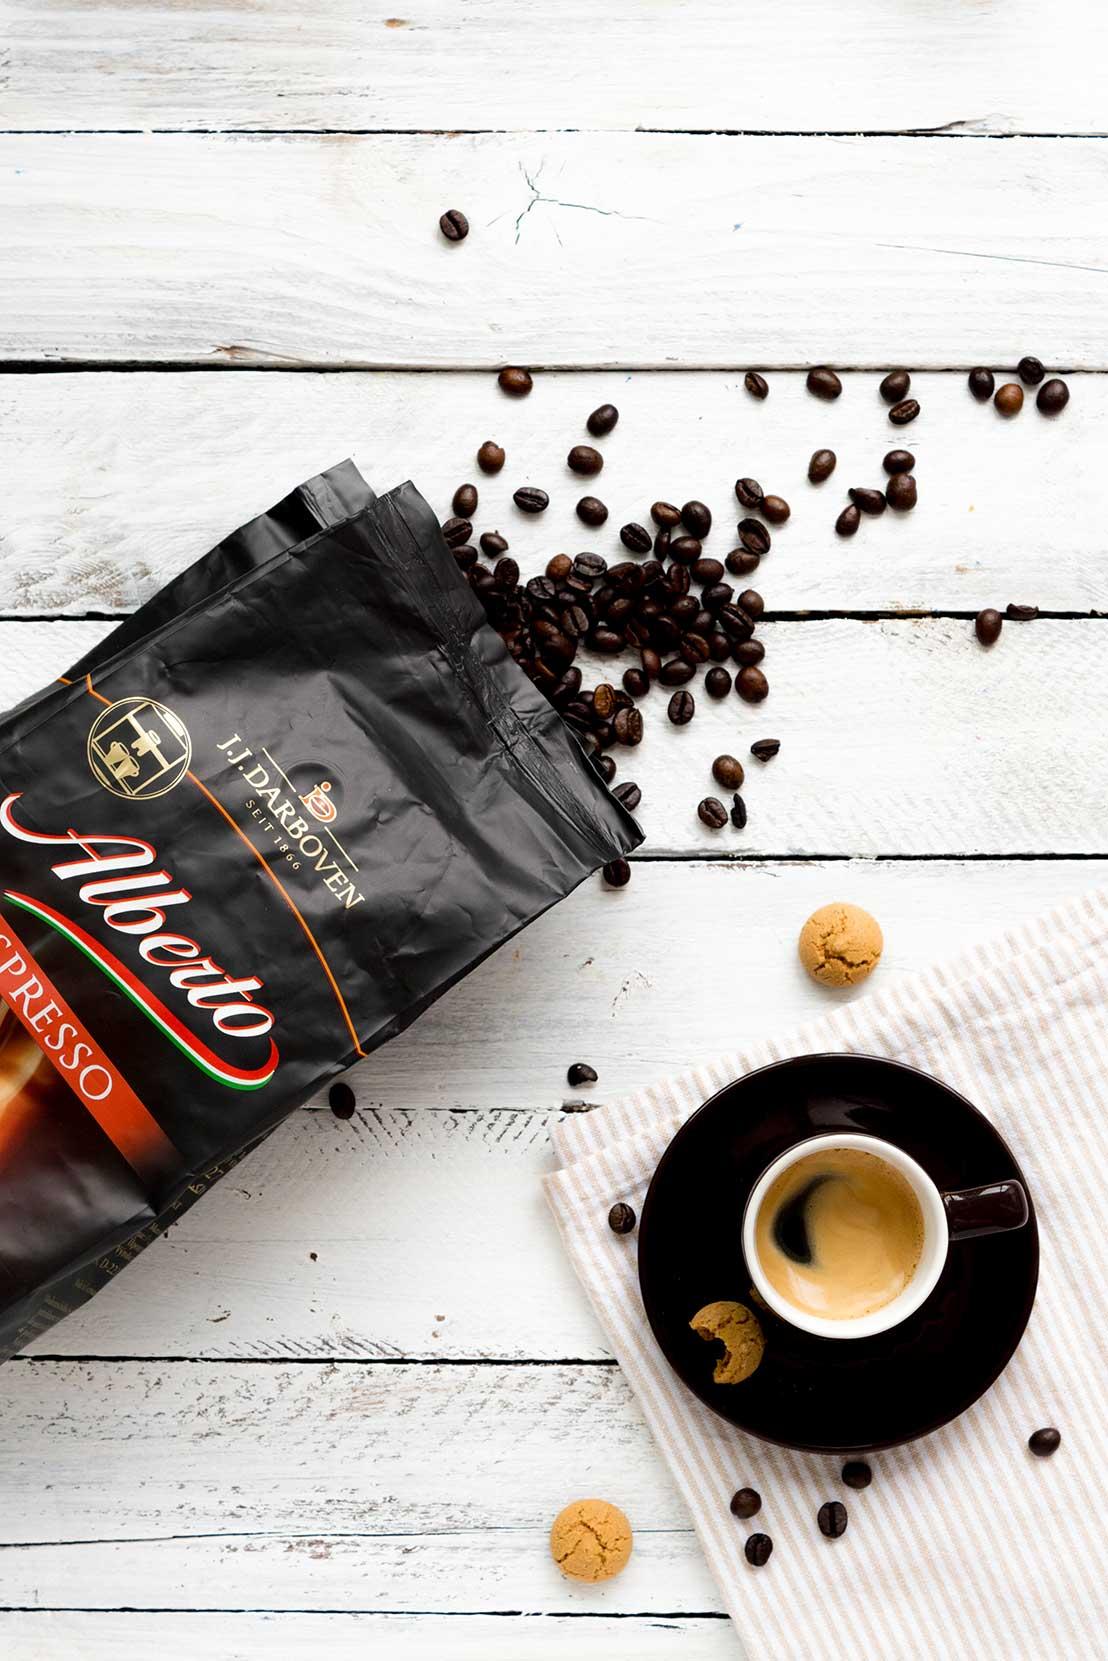 Offene Kaffeepackung mit Espresso